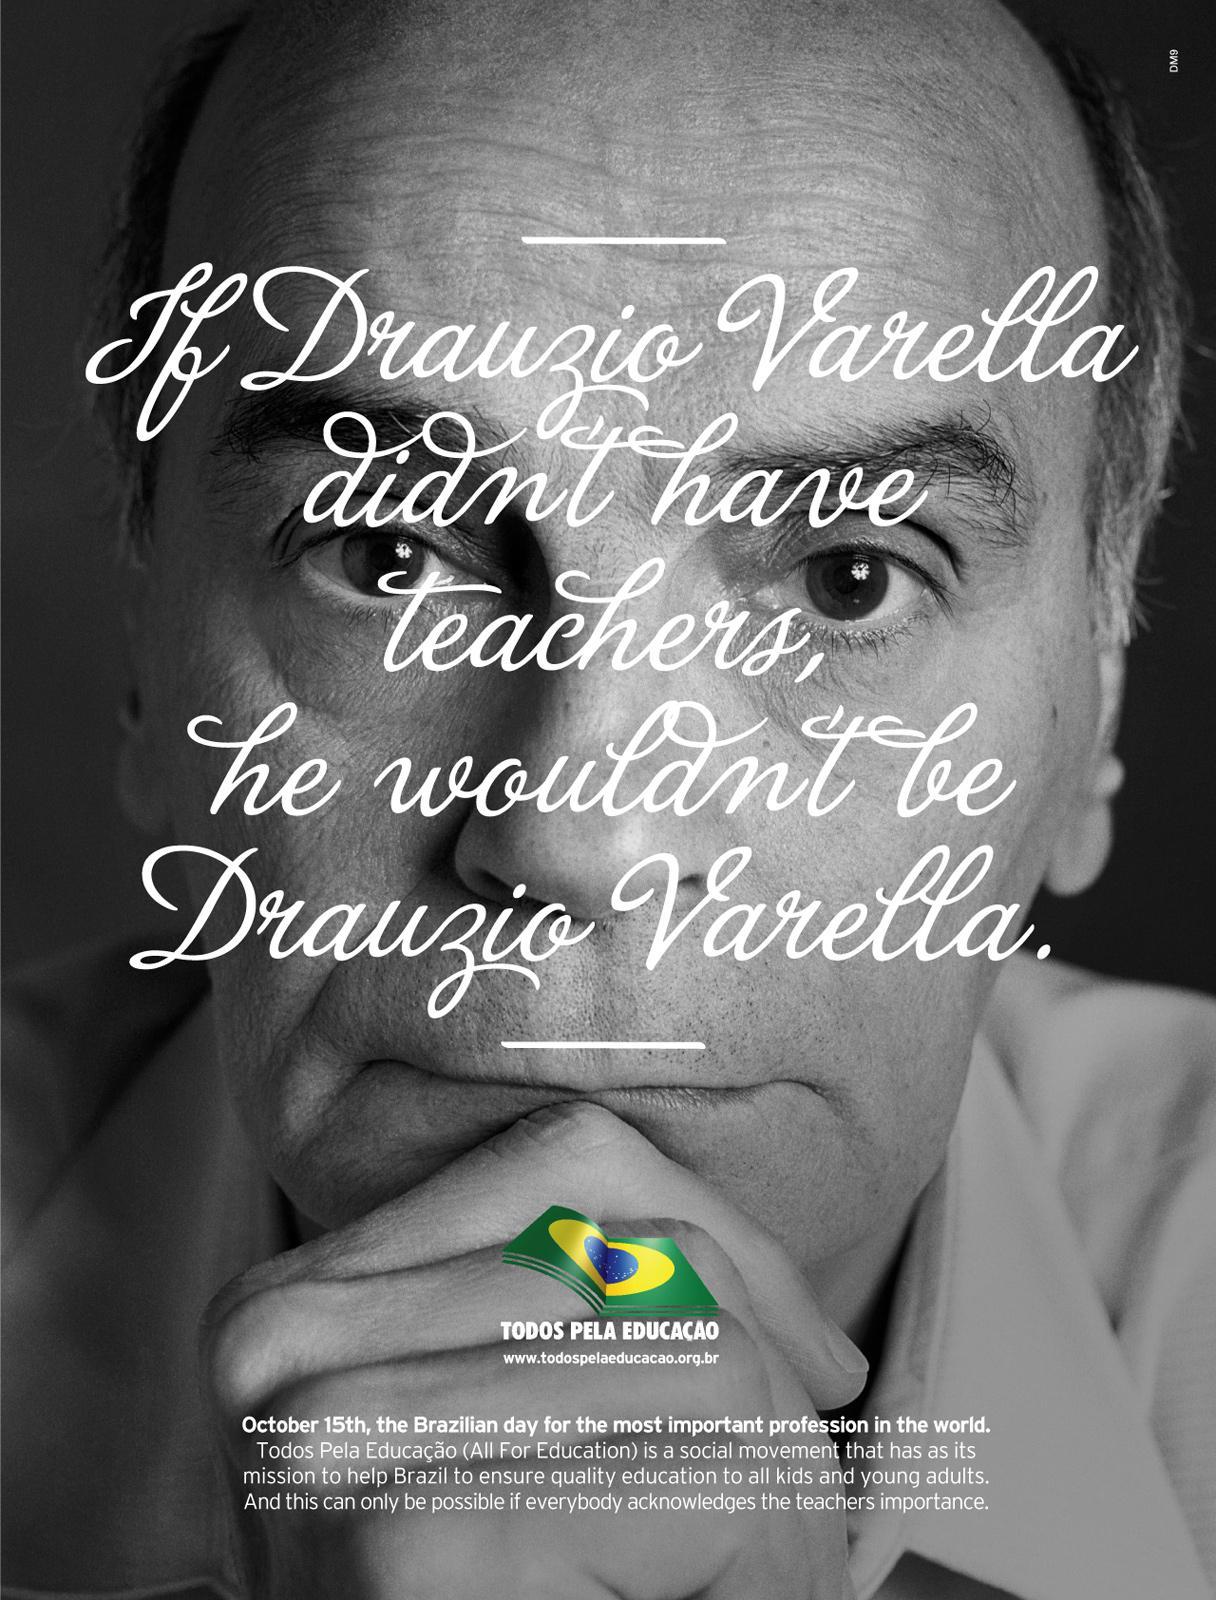 Todos pela Educação Print Ad -  Drauzio Varella